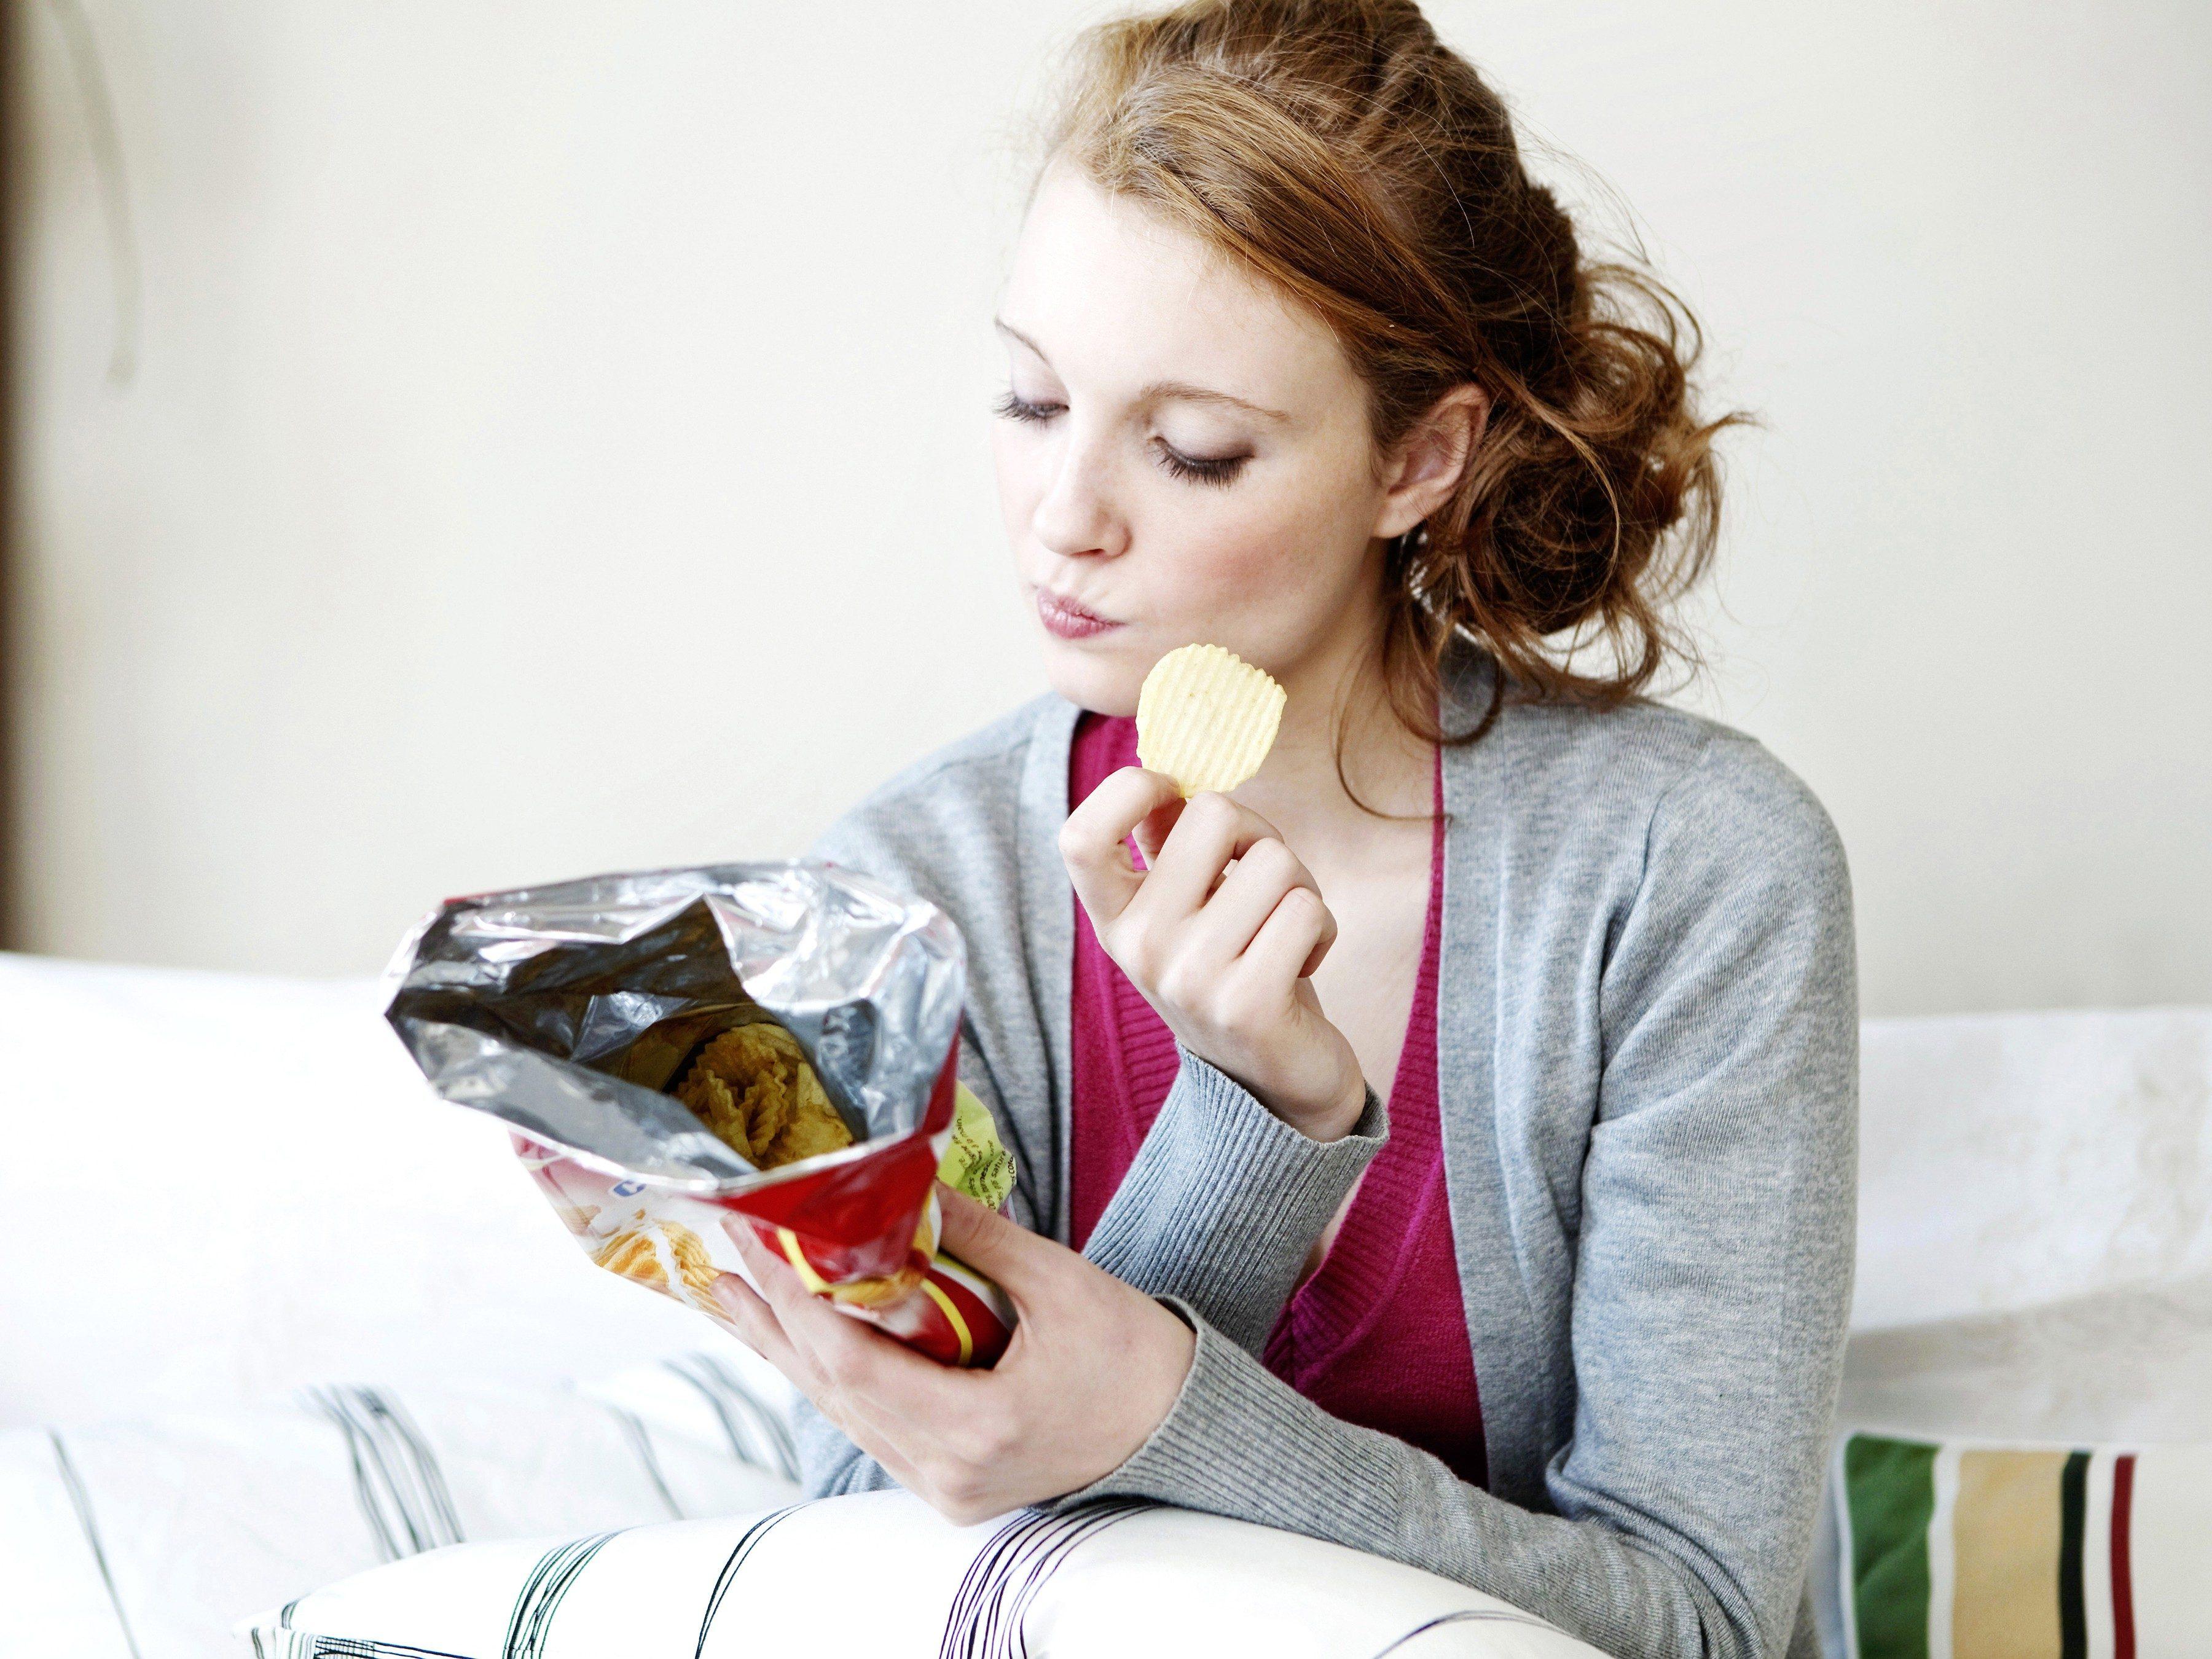 Don't Impulse-Buy Snacks